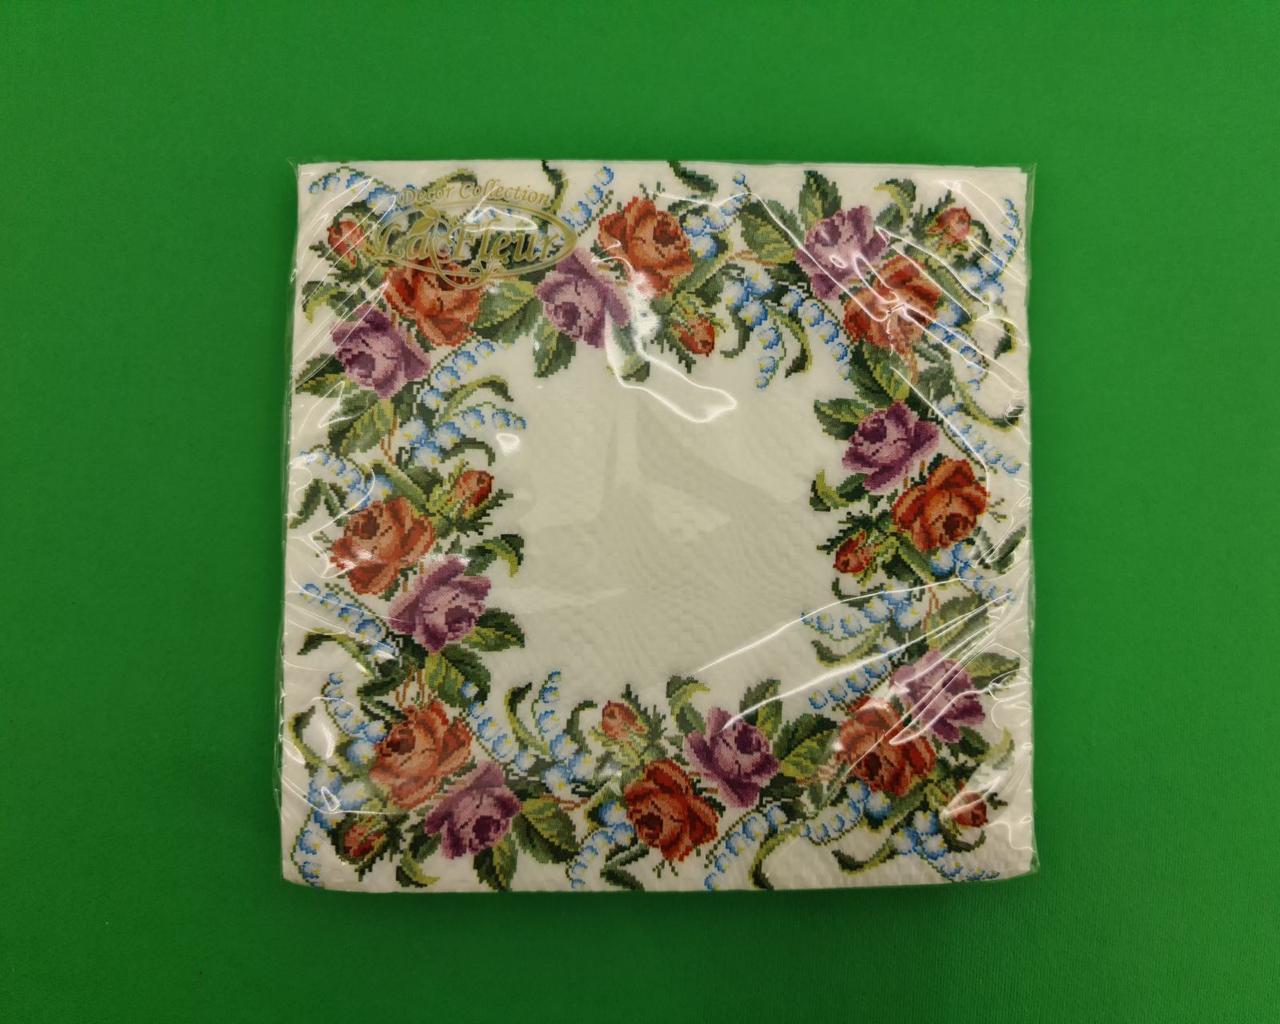 Красивая салфетка (ЗЗхЗЗ, 20шт)  La Fleur  Цветочный венок (1 пач)